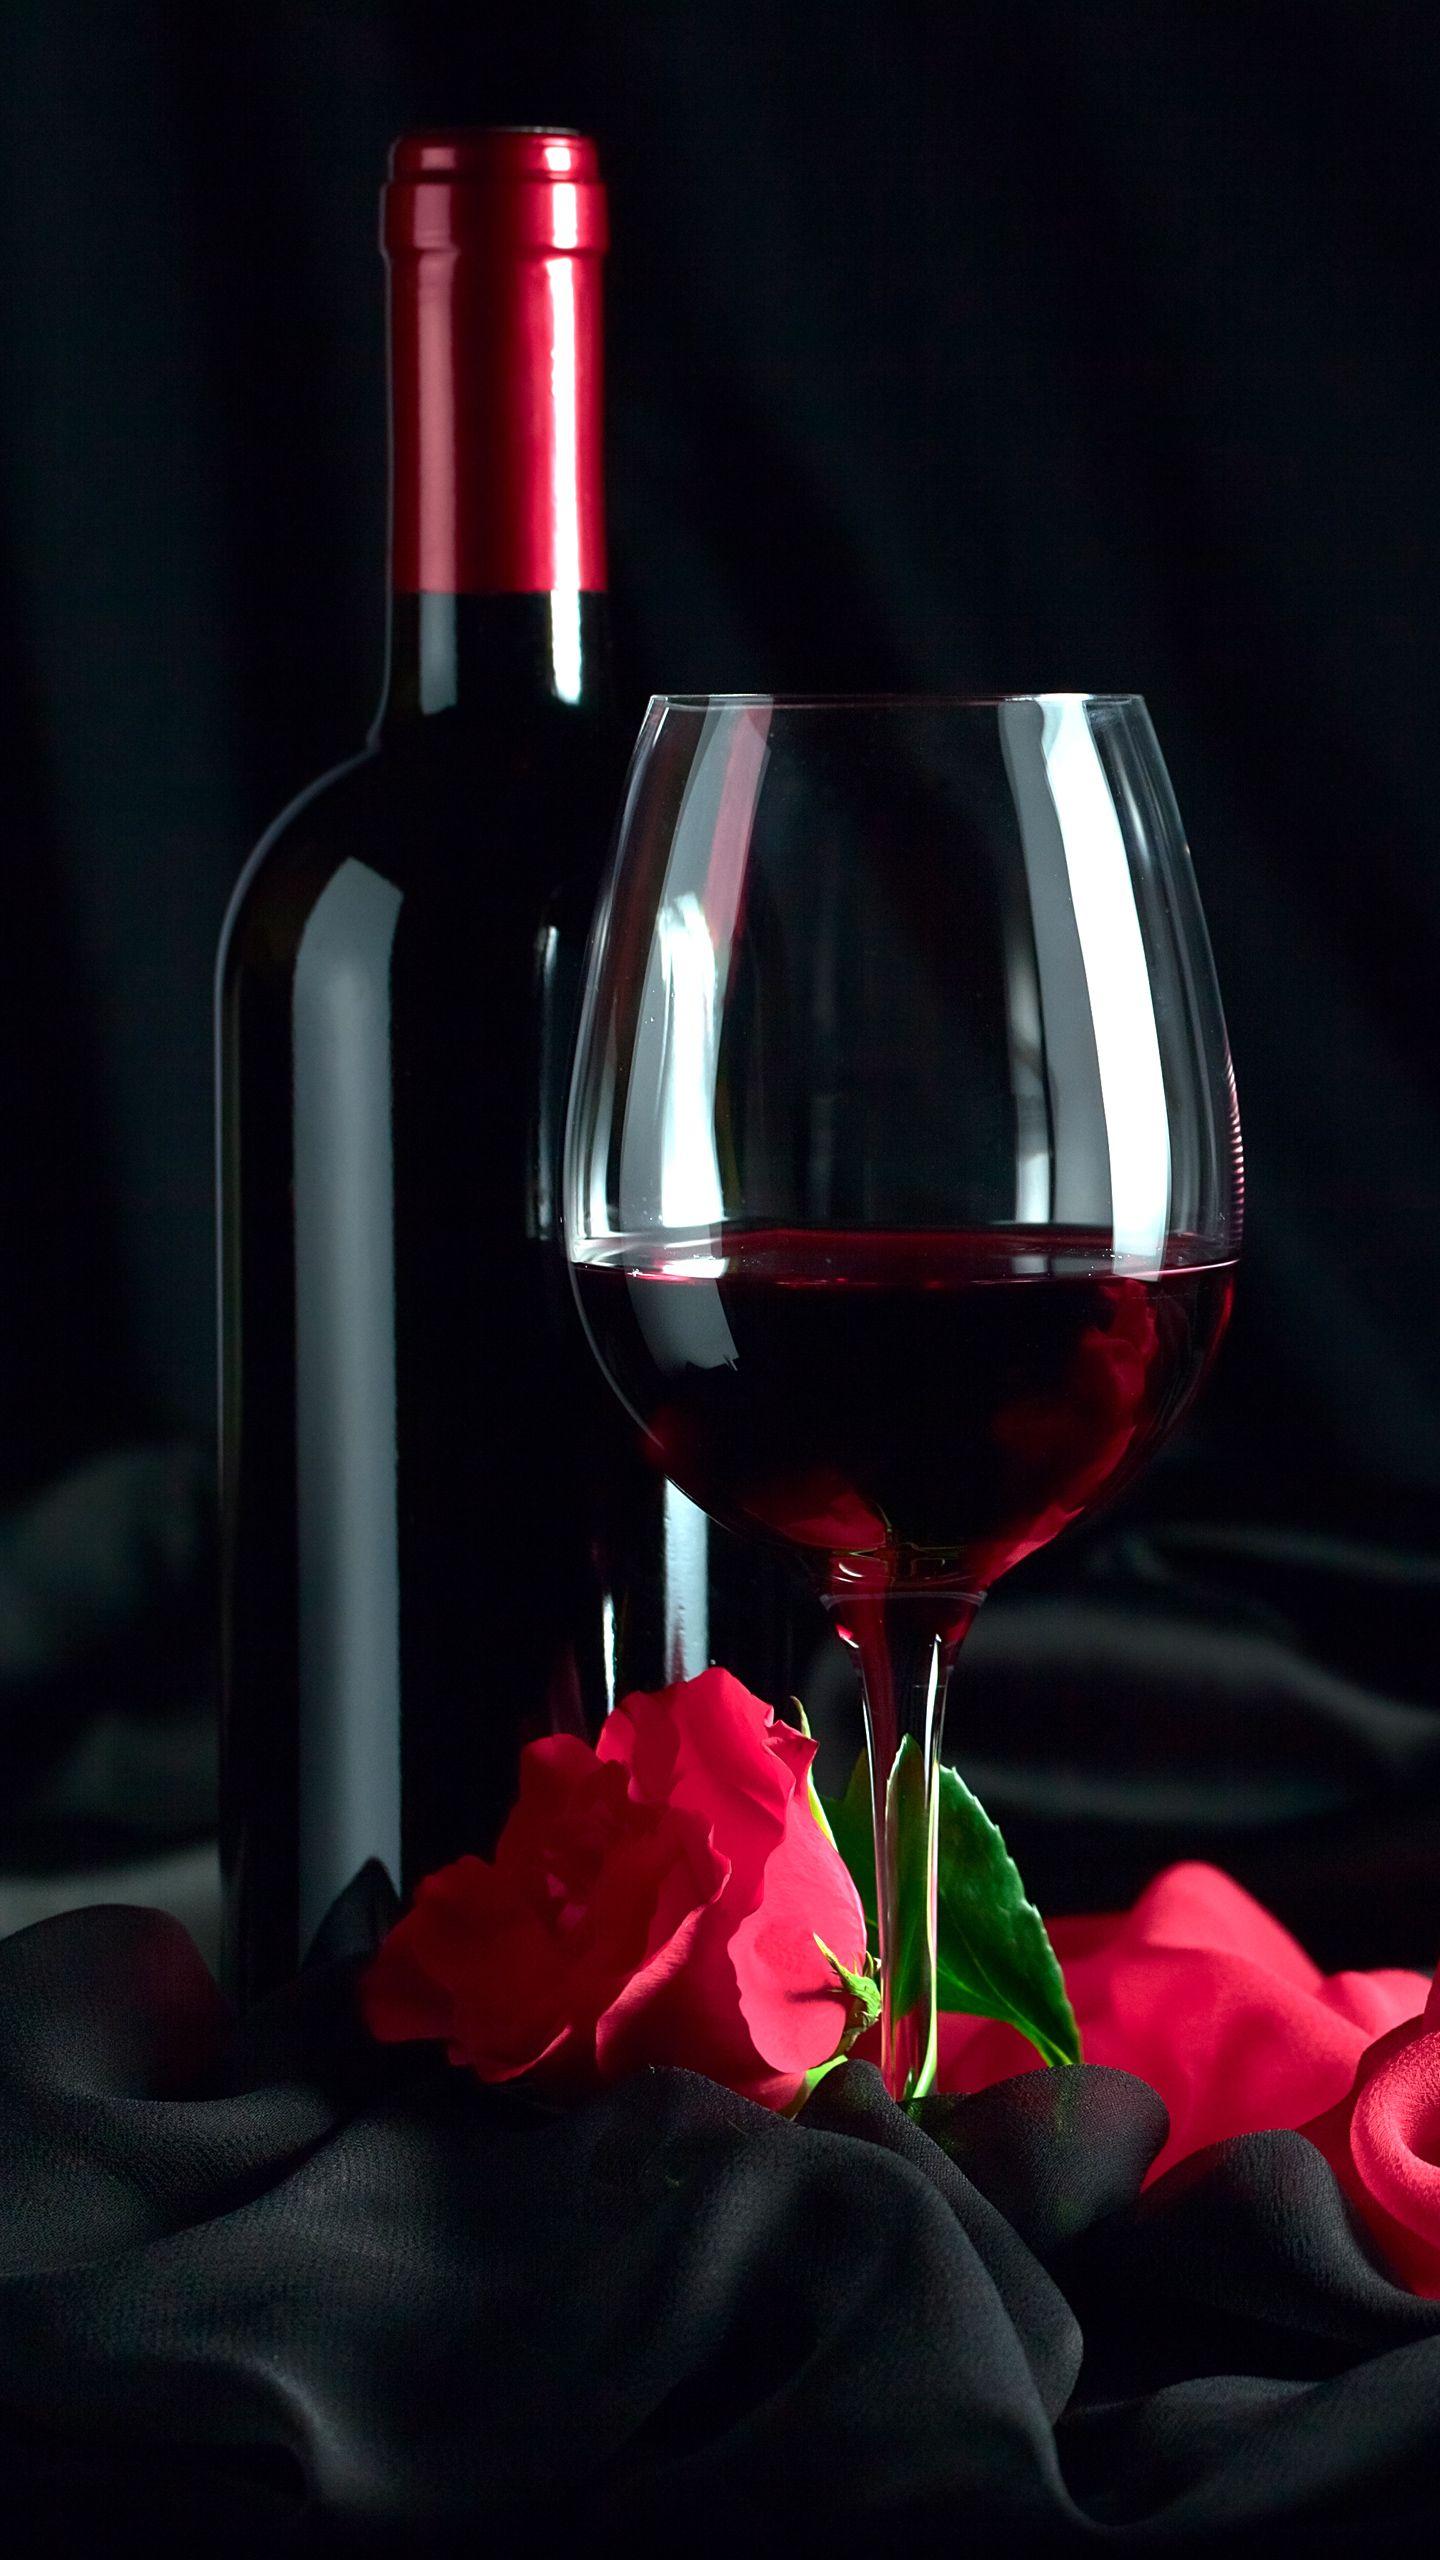 День рождения, фото самые красивые картинки бокал вина